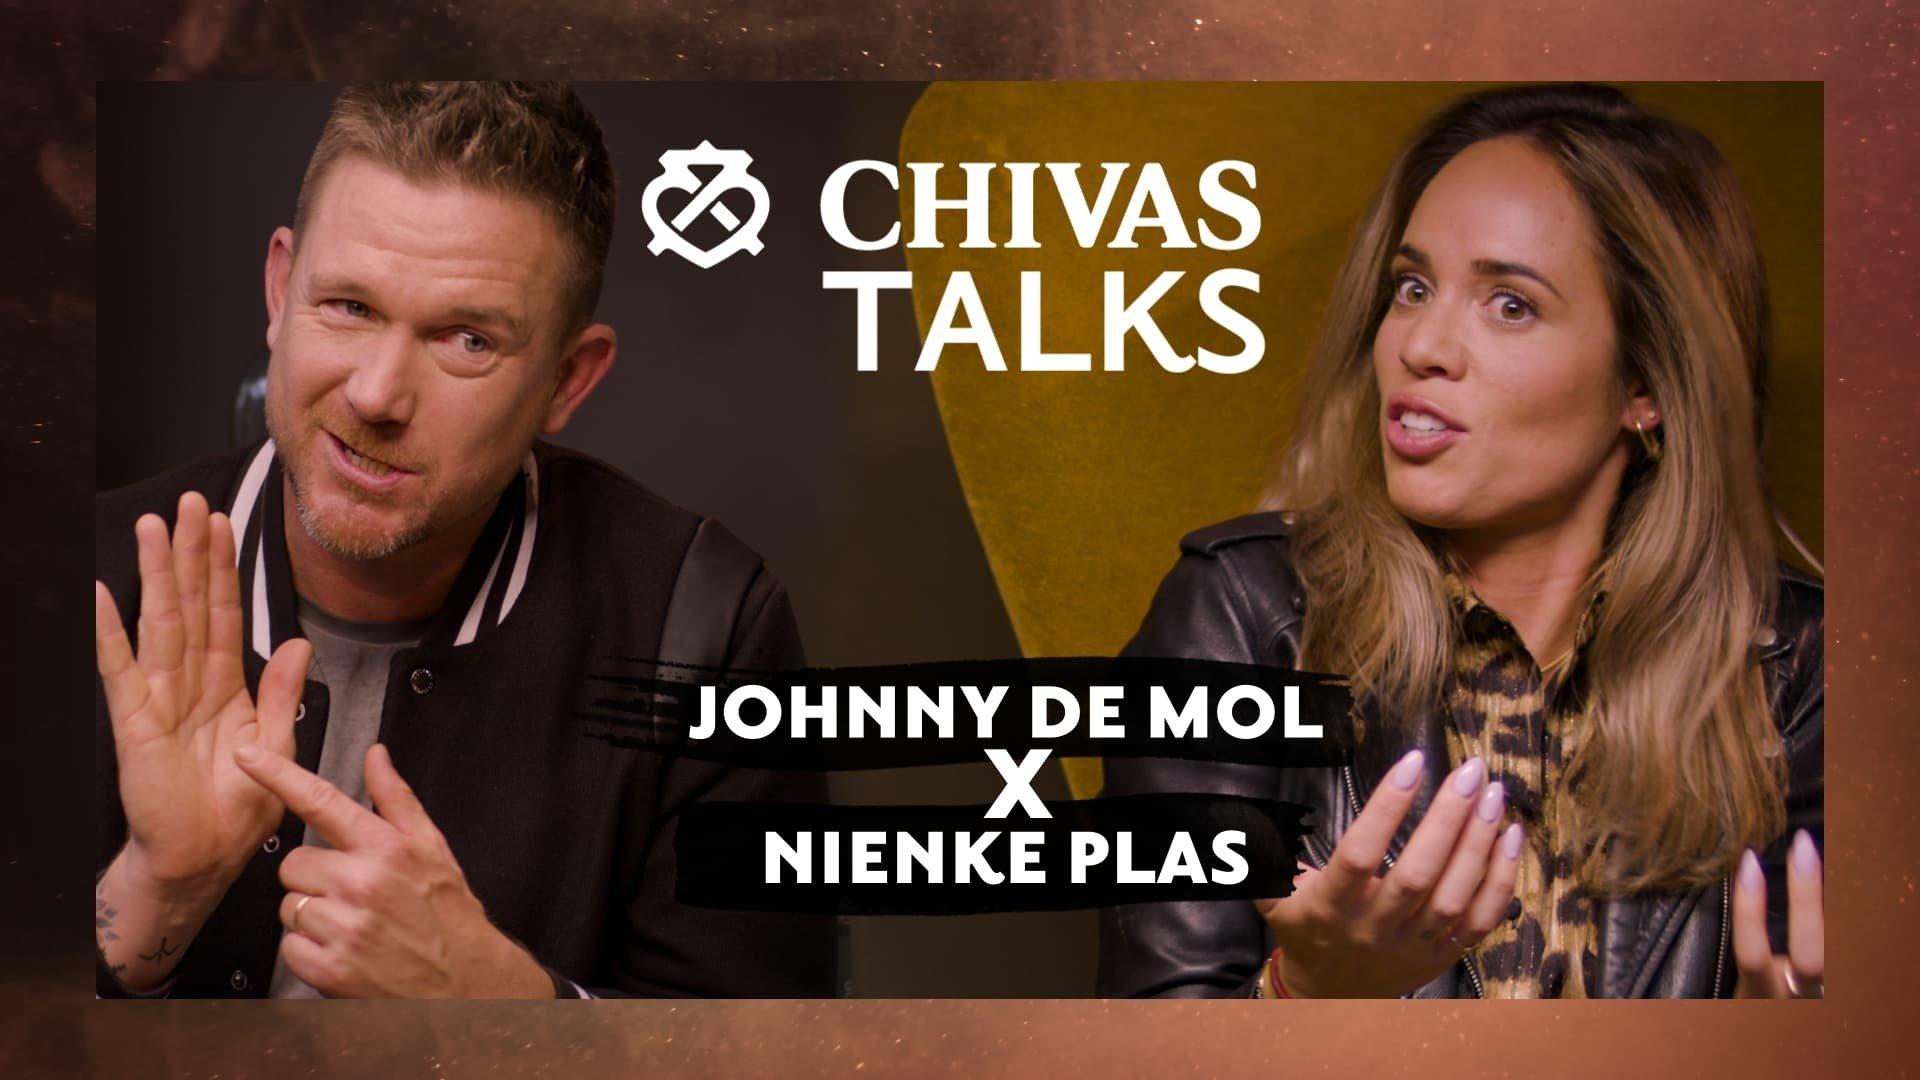 Nienke Plas x Johnny de Mol - Chivas Talks